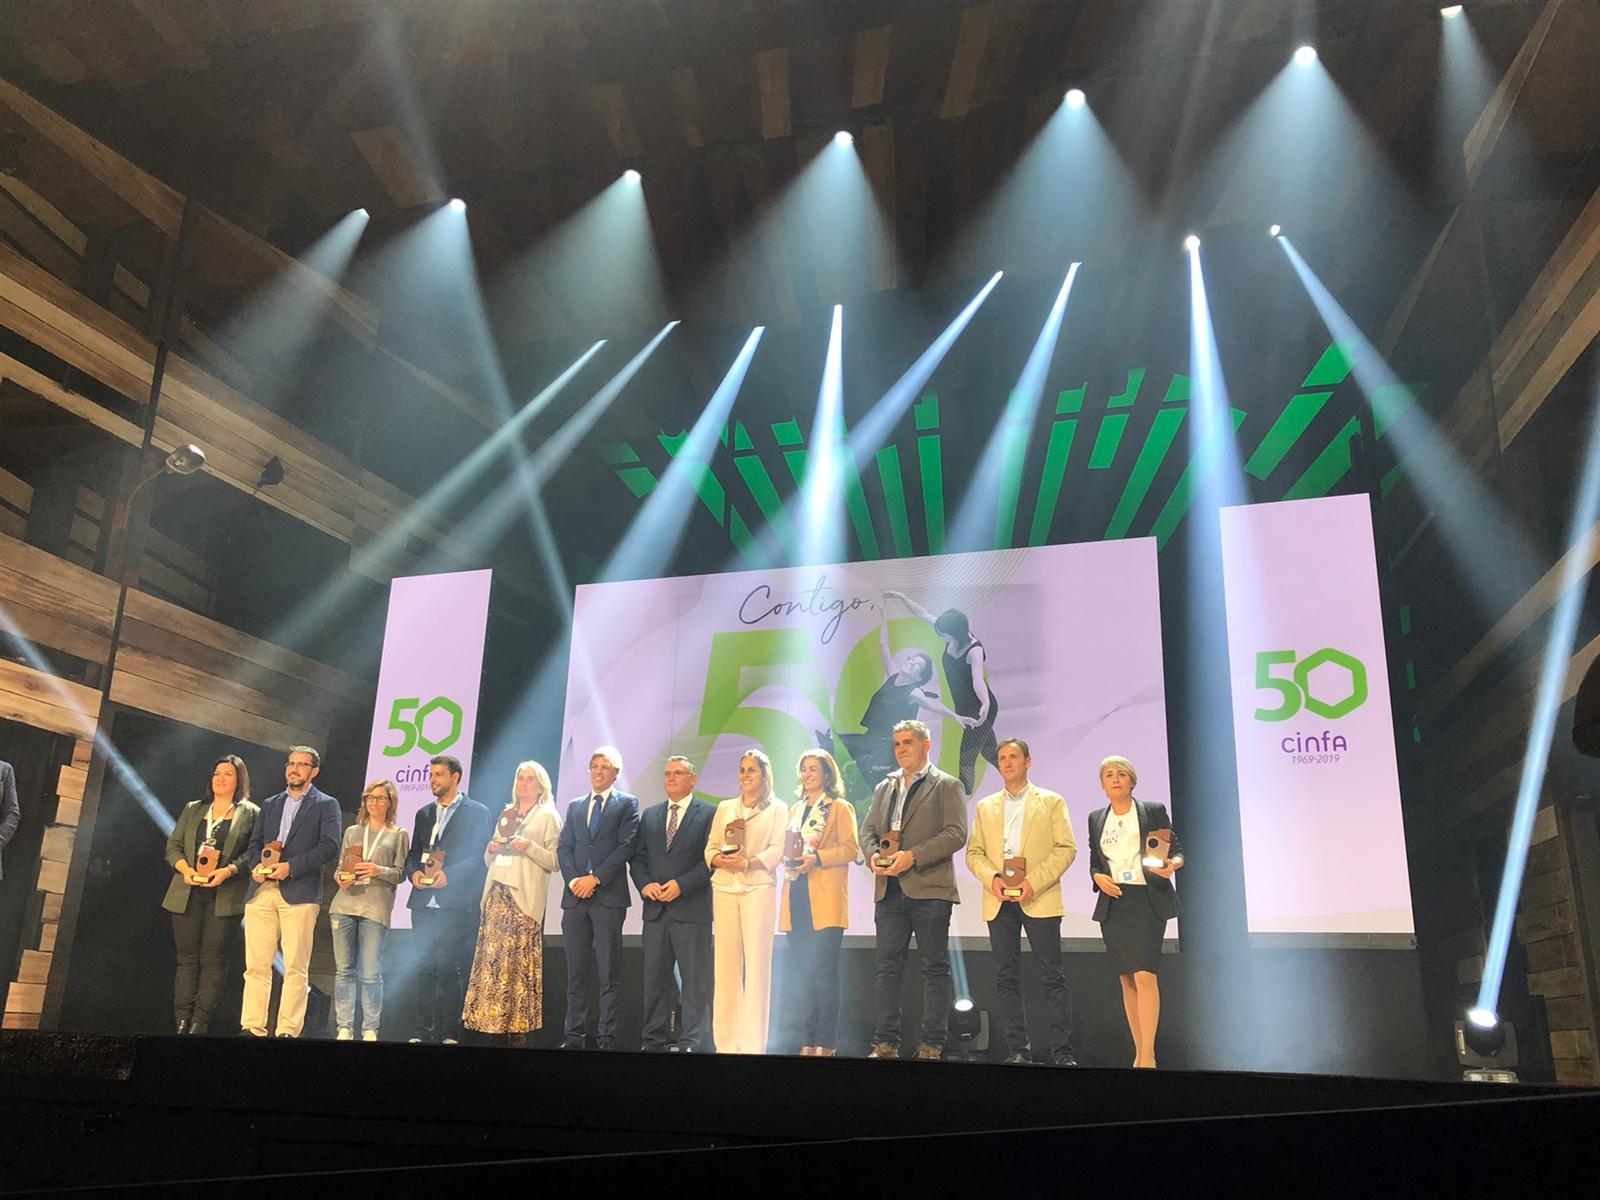 """cinfa 1 - Cinfa celebra la gala """"Contigo, 50 y más"""" en la que ha premiado a 50 asociaciones de pacientes"""